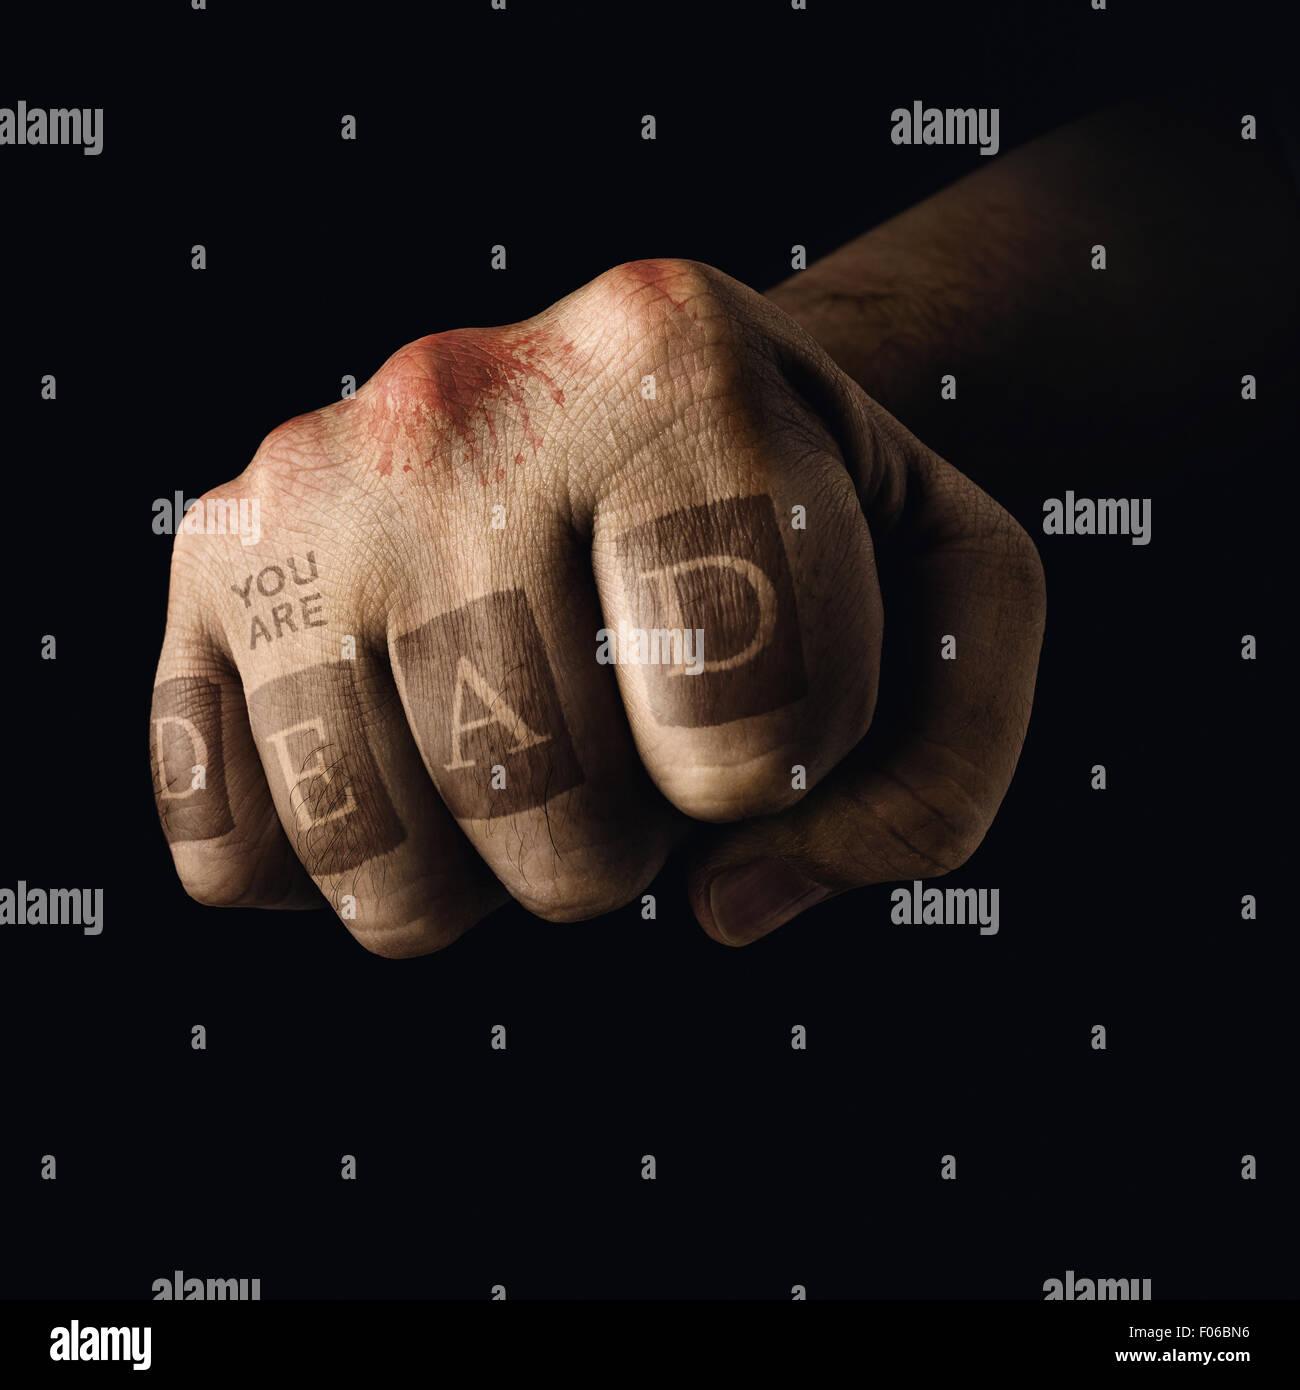 Puño cerrado con la muerte tatuaje en los dedos. Concepto de deportes violentos. Imagen De Stock